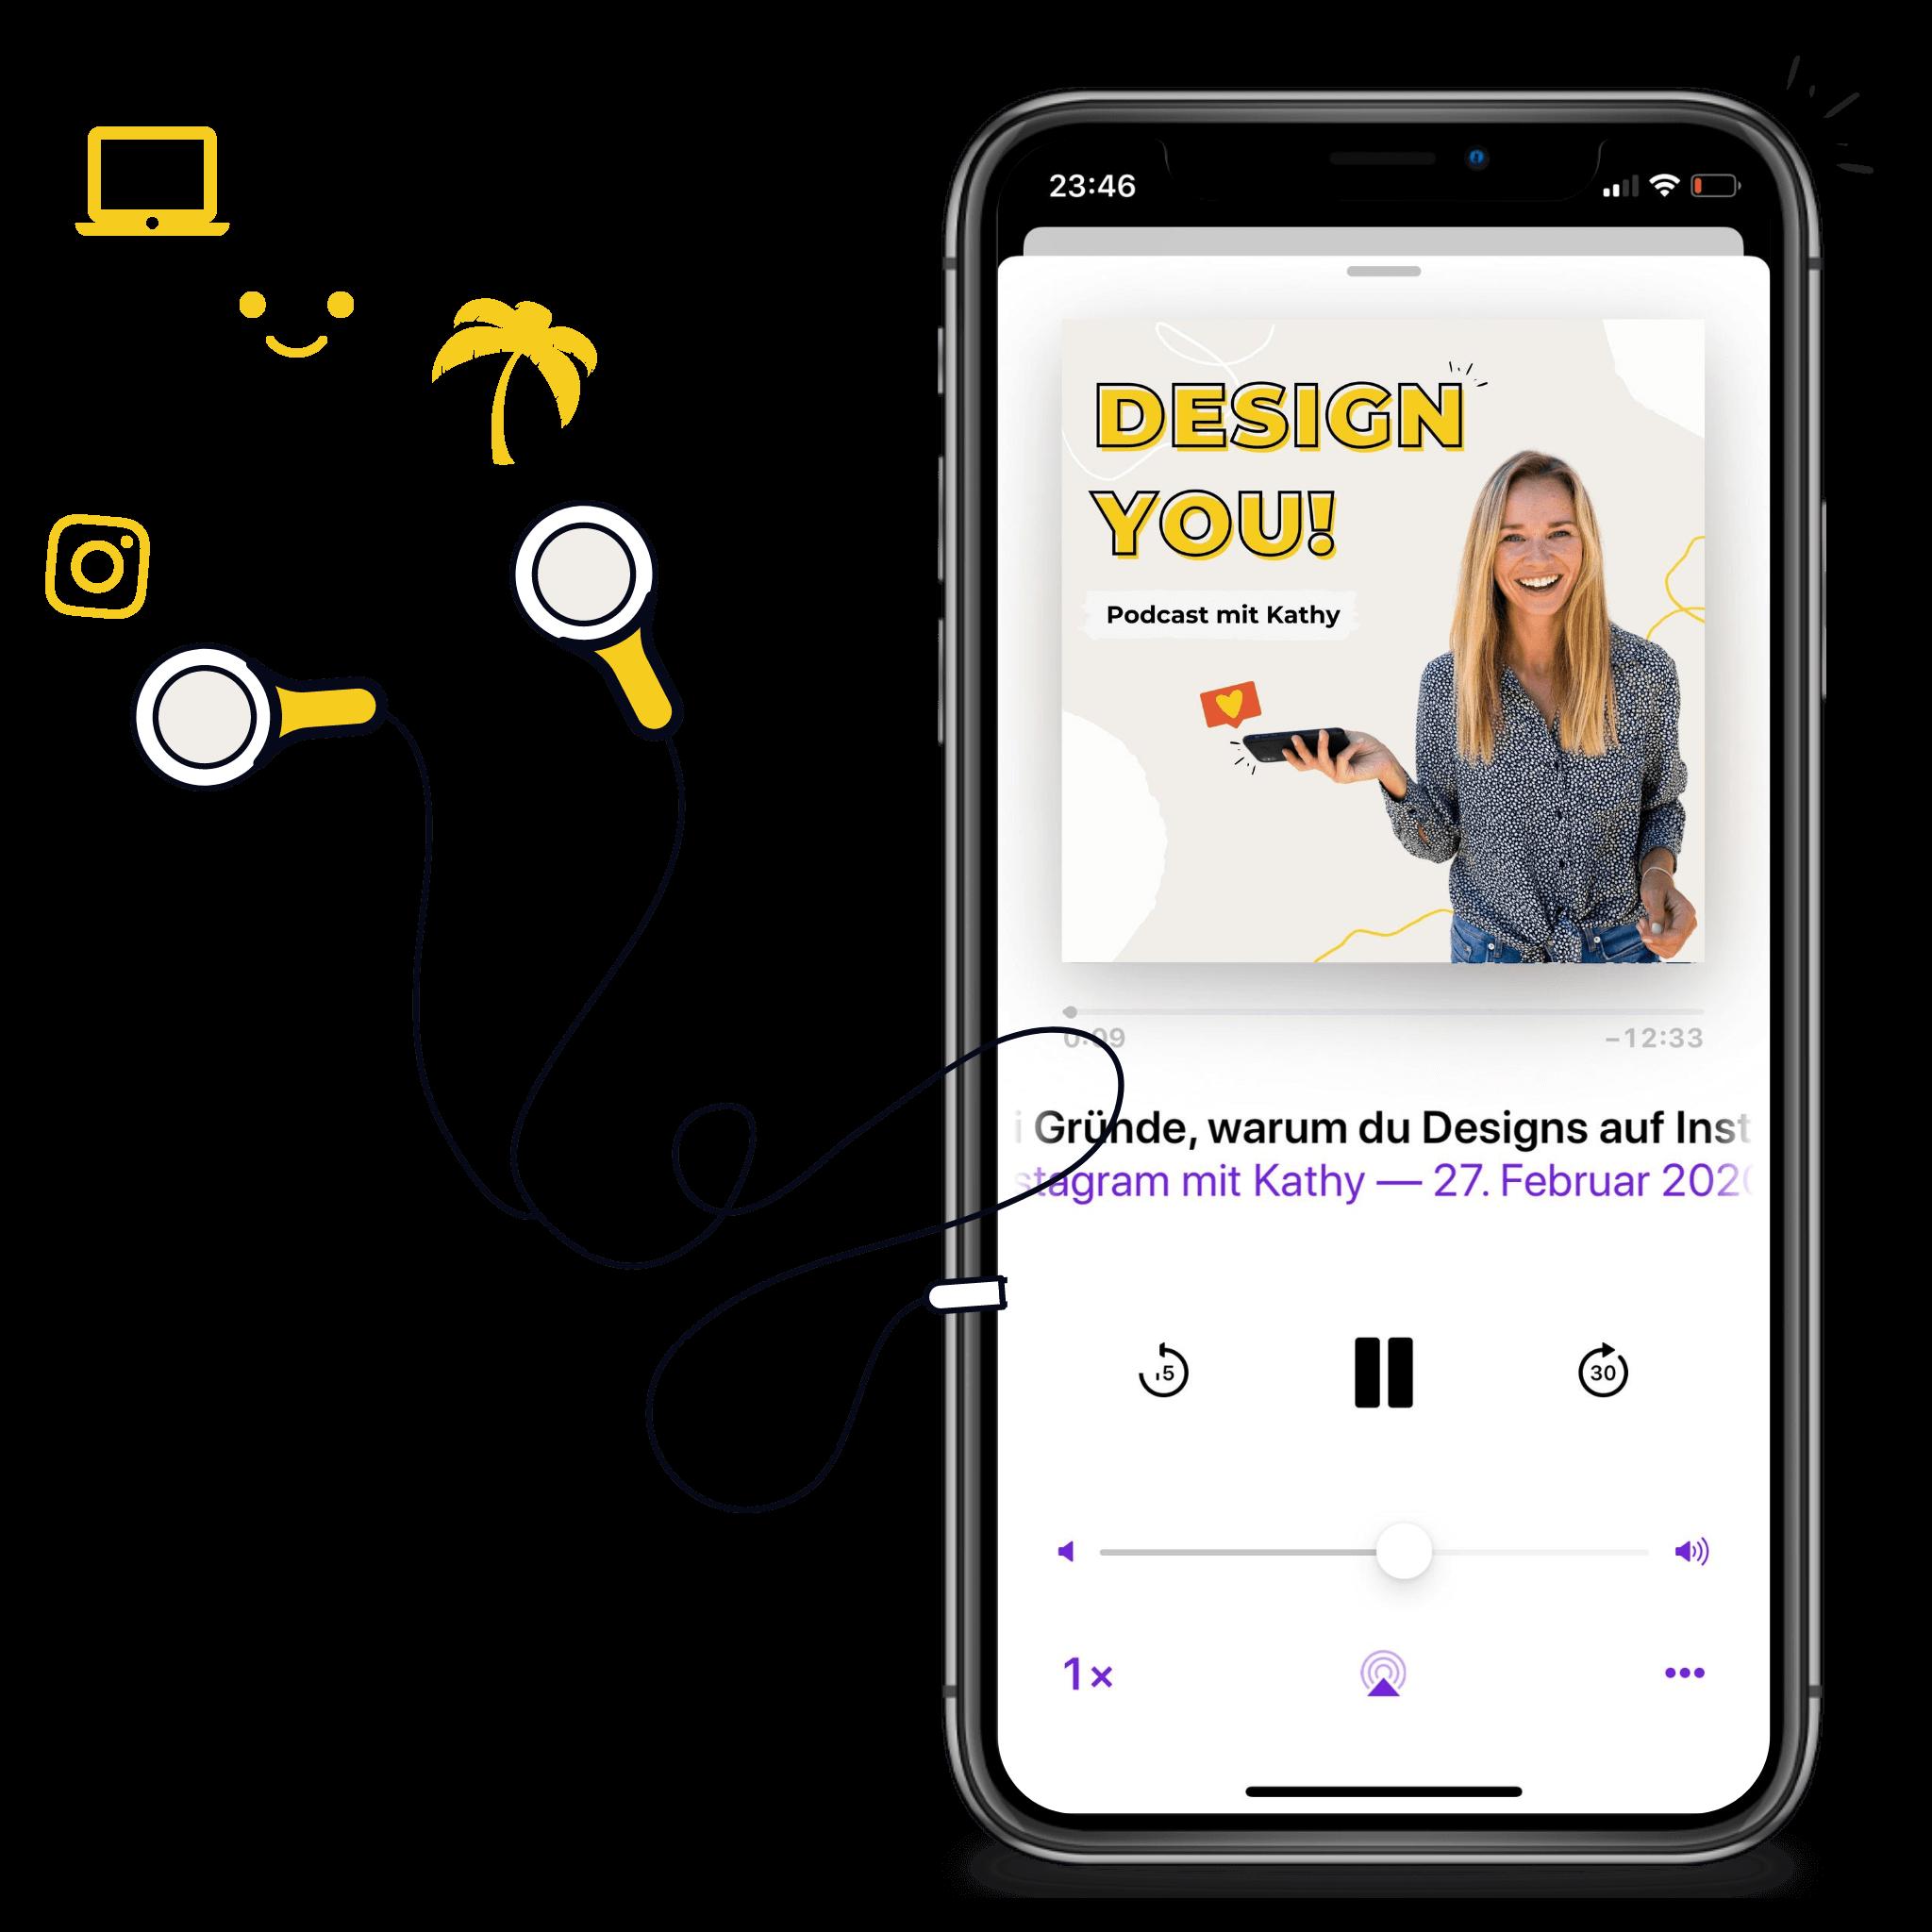 Design You - Podcast Cover